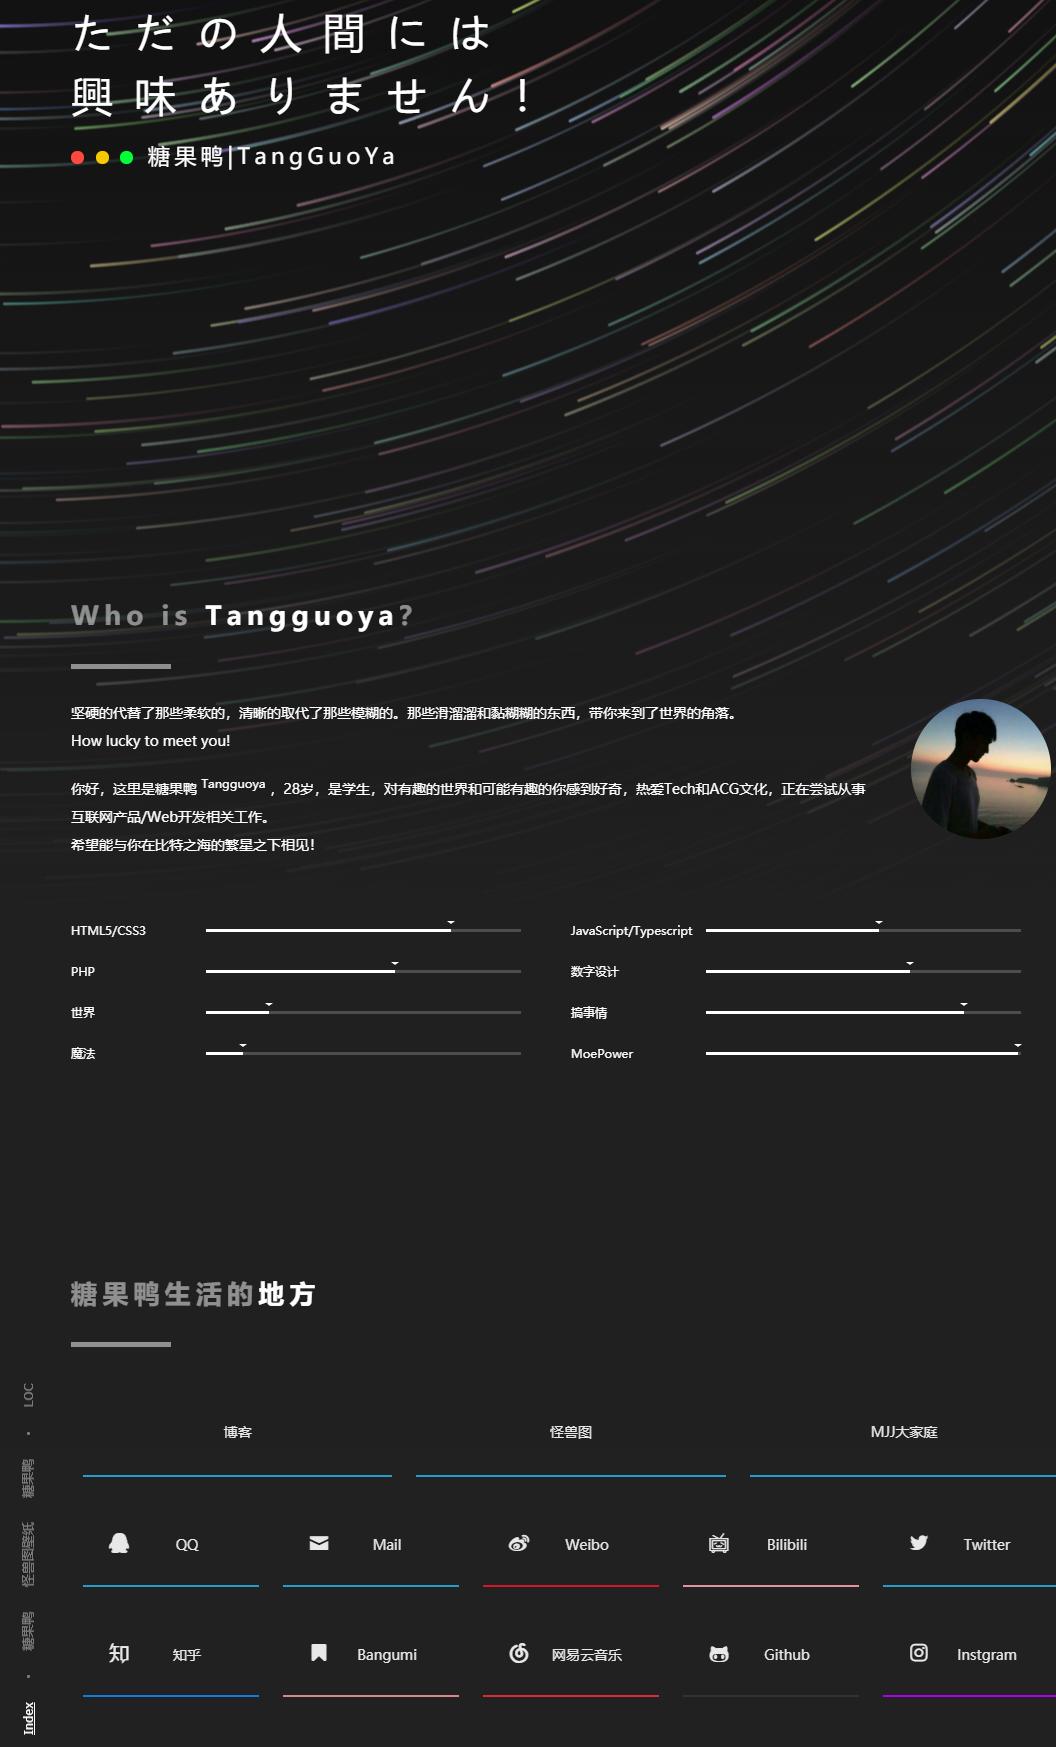 一款超好看流光风格个人主页HTML源码